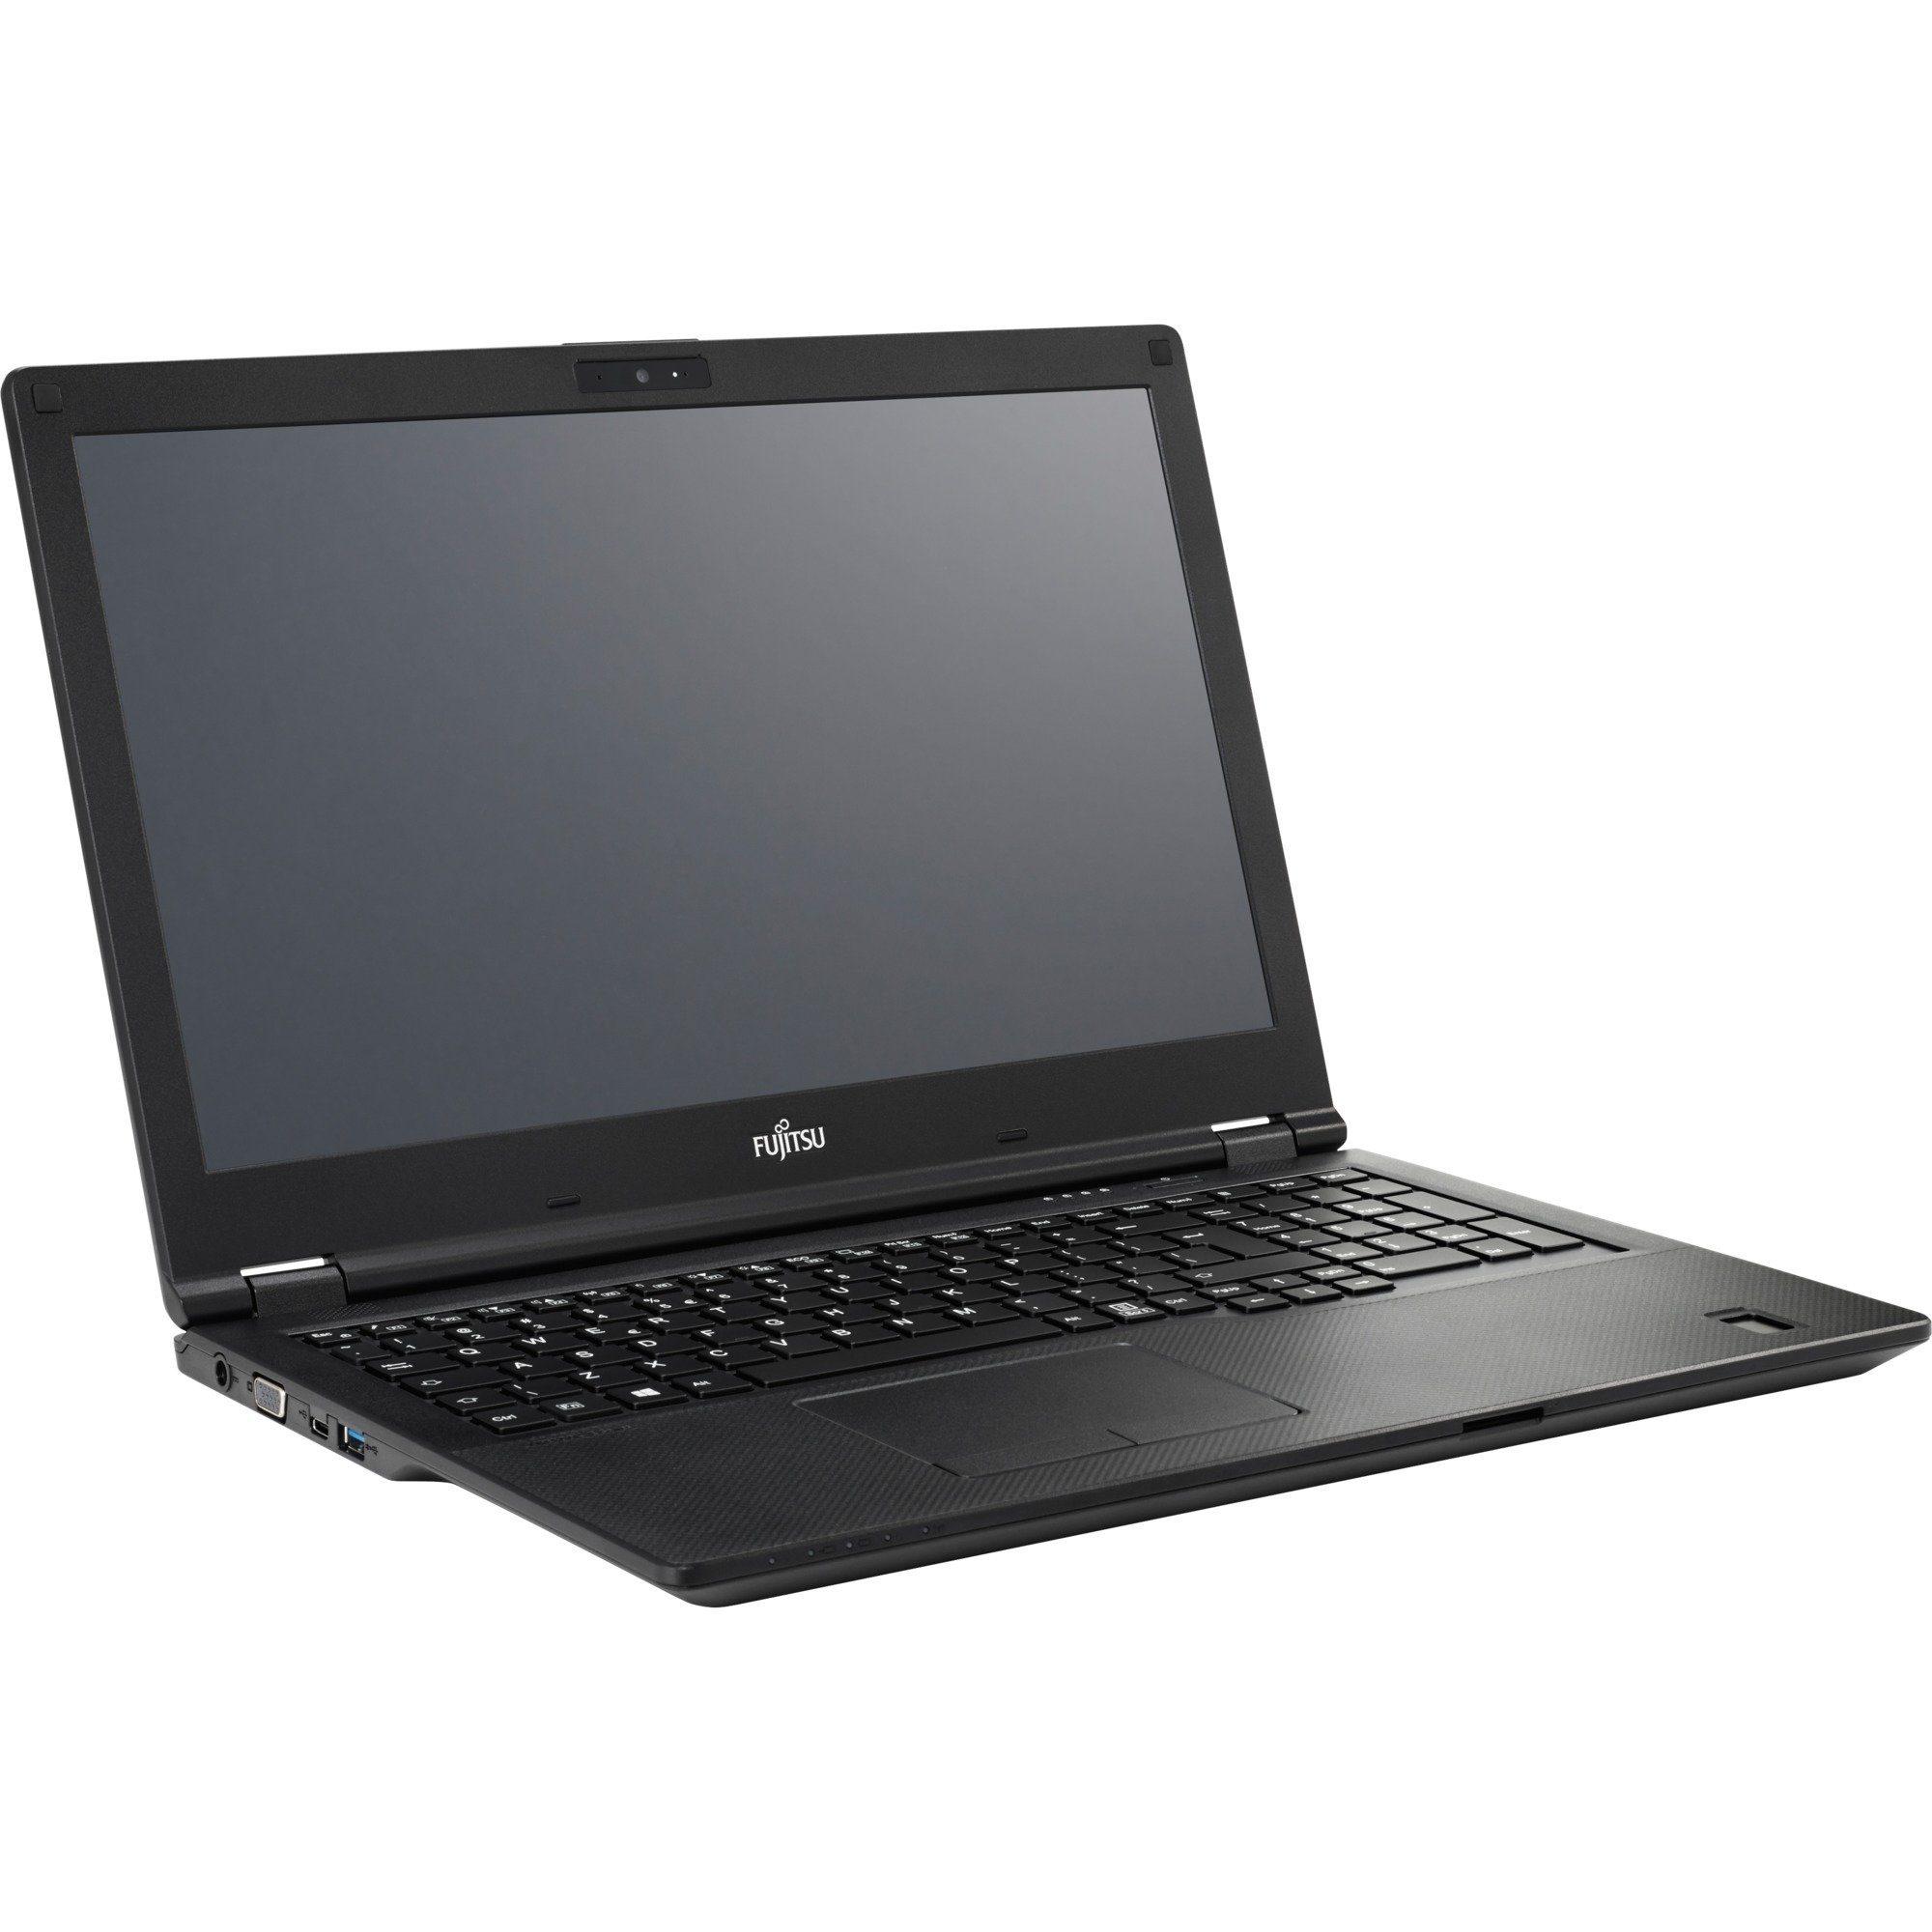 Fujitsu Notebook »LIFEBOOK E458 (VFY:E4580MP580DE)«